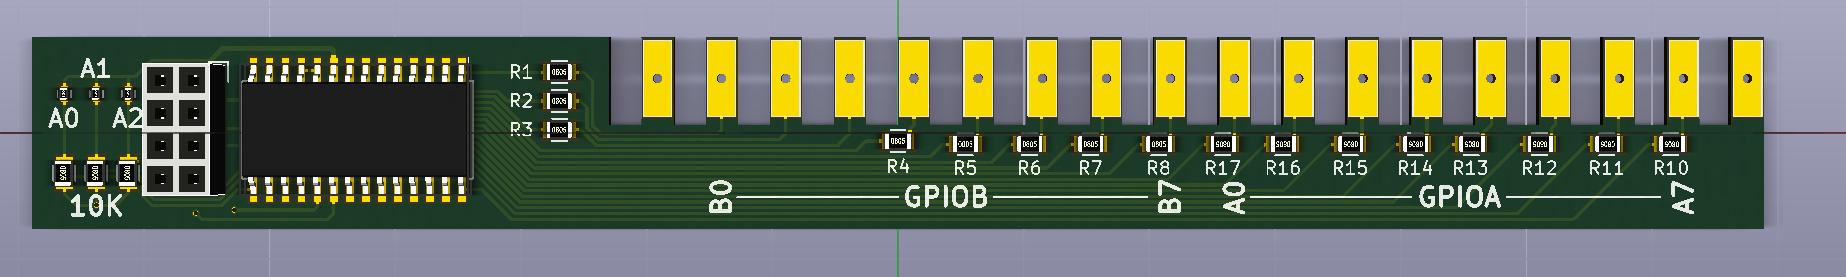 16-Channel I2C Relay expander V1.0 Kicad Render Front